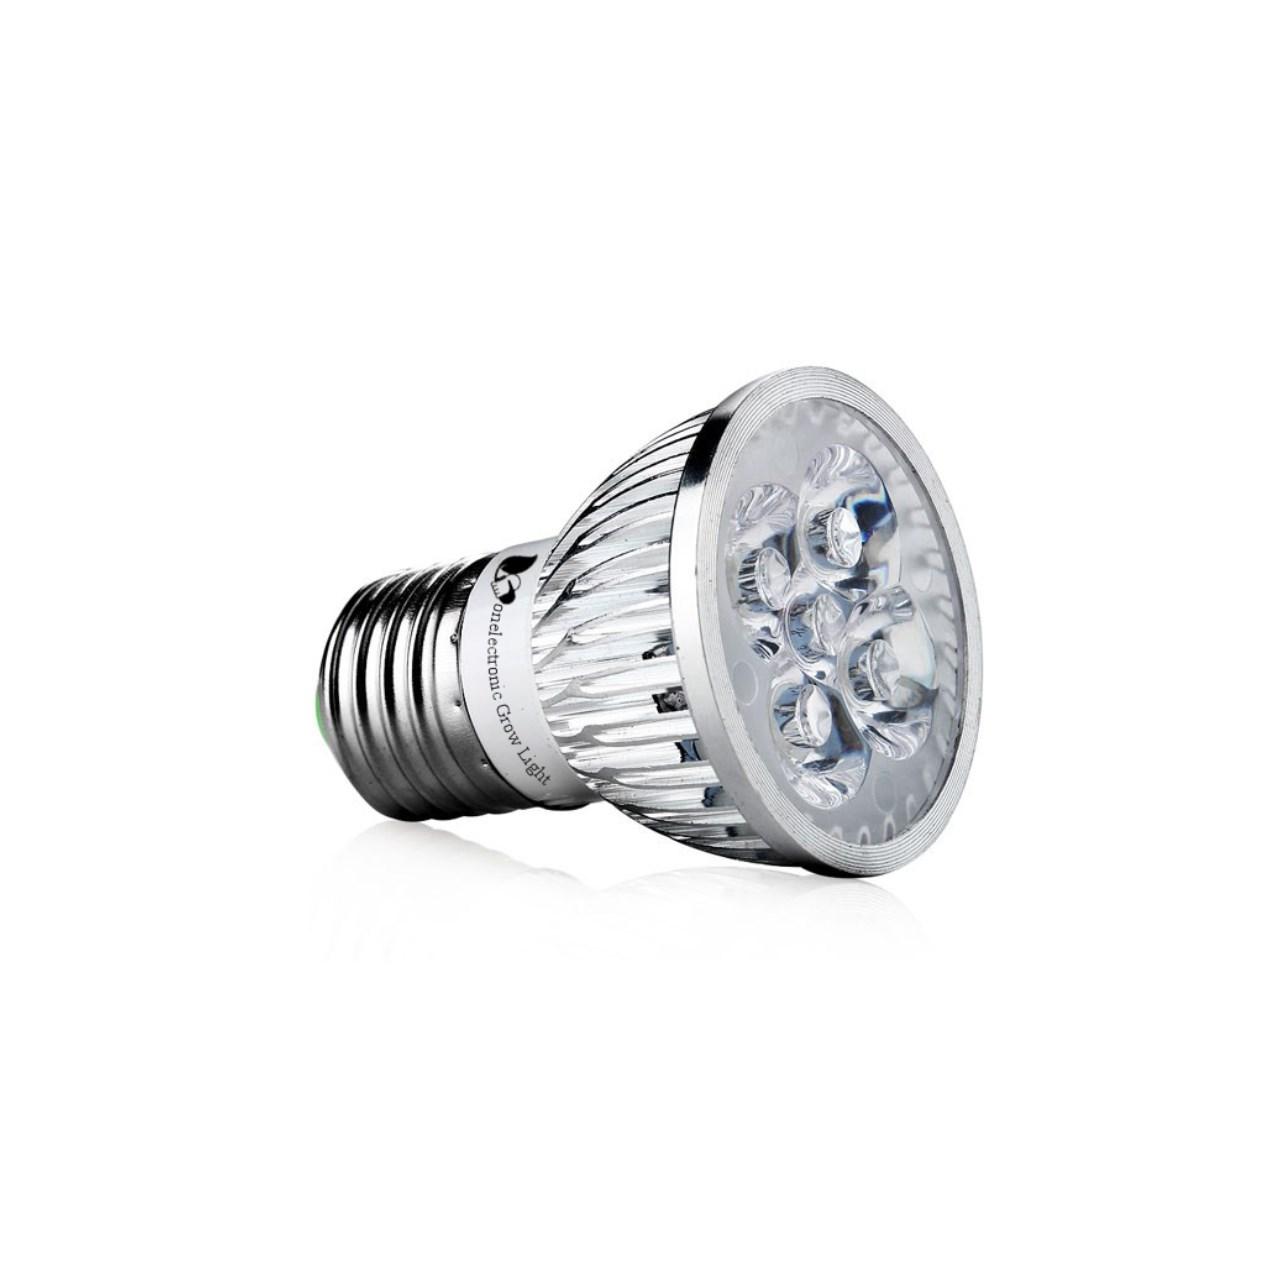 لامپ ال ای دی رشد گیاه 5 وات برند وان الکترونیک مدل F5 پایه E27